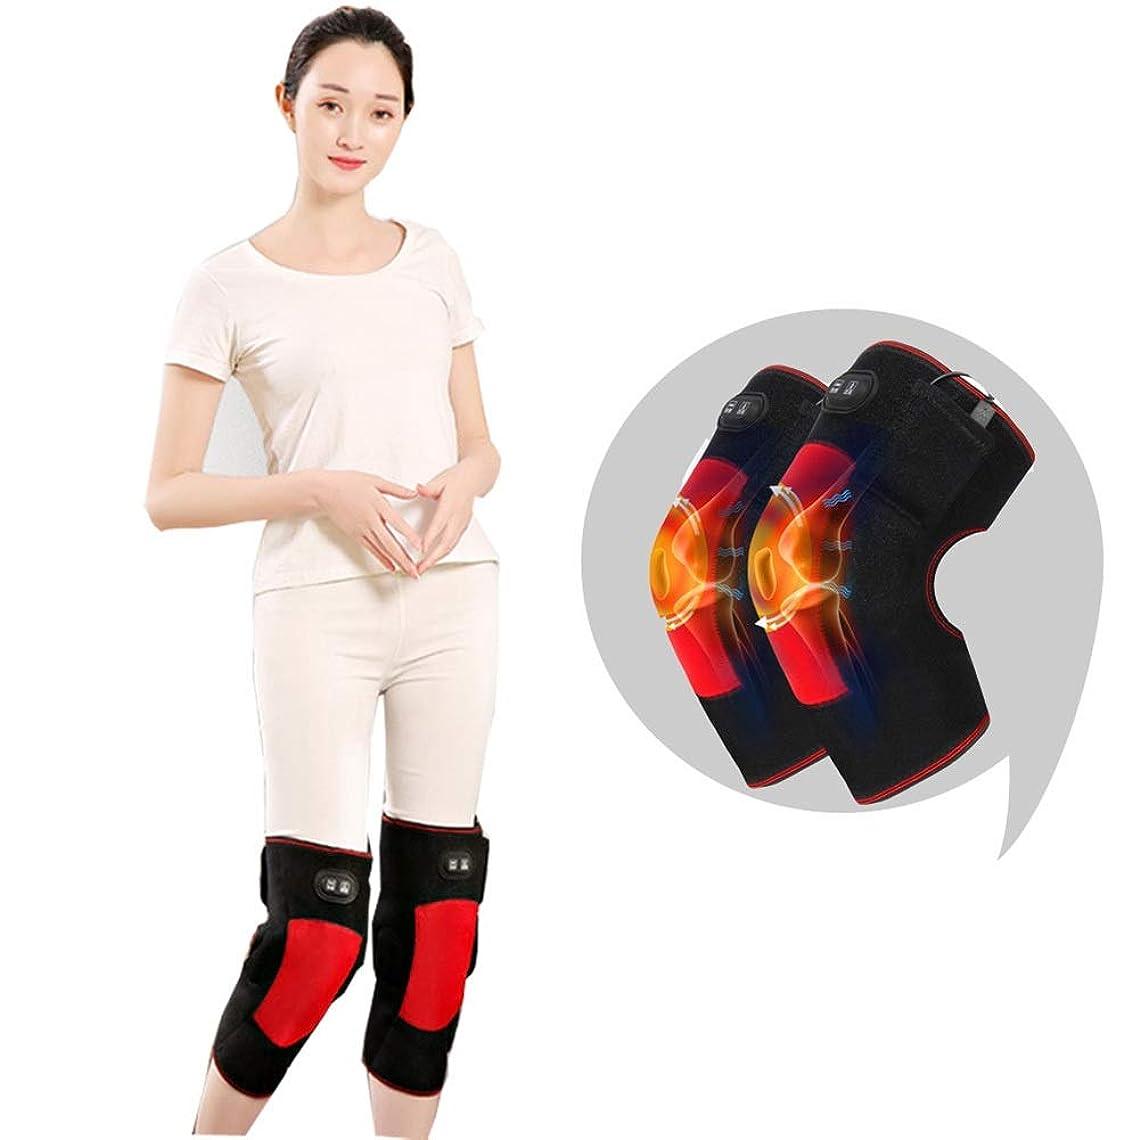 冊子下位再集計ワイヤレス膝マッサージ振動加熱磁気療法ブレースサポート自然加熱足マッサージベルトヘルスケア